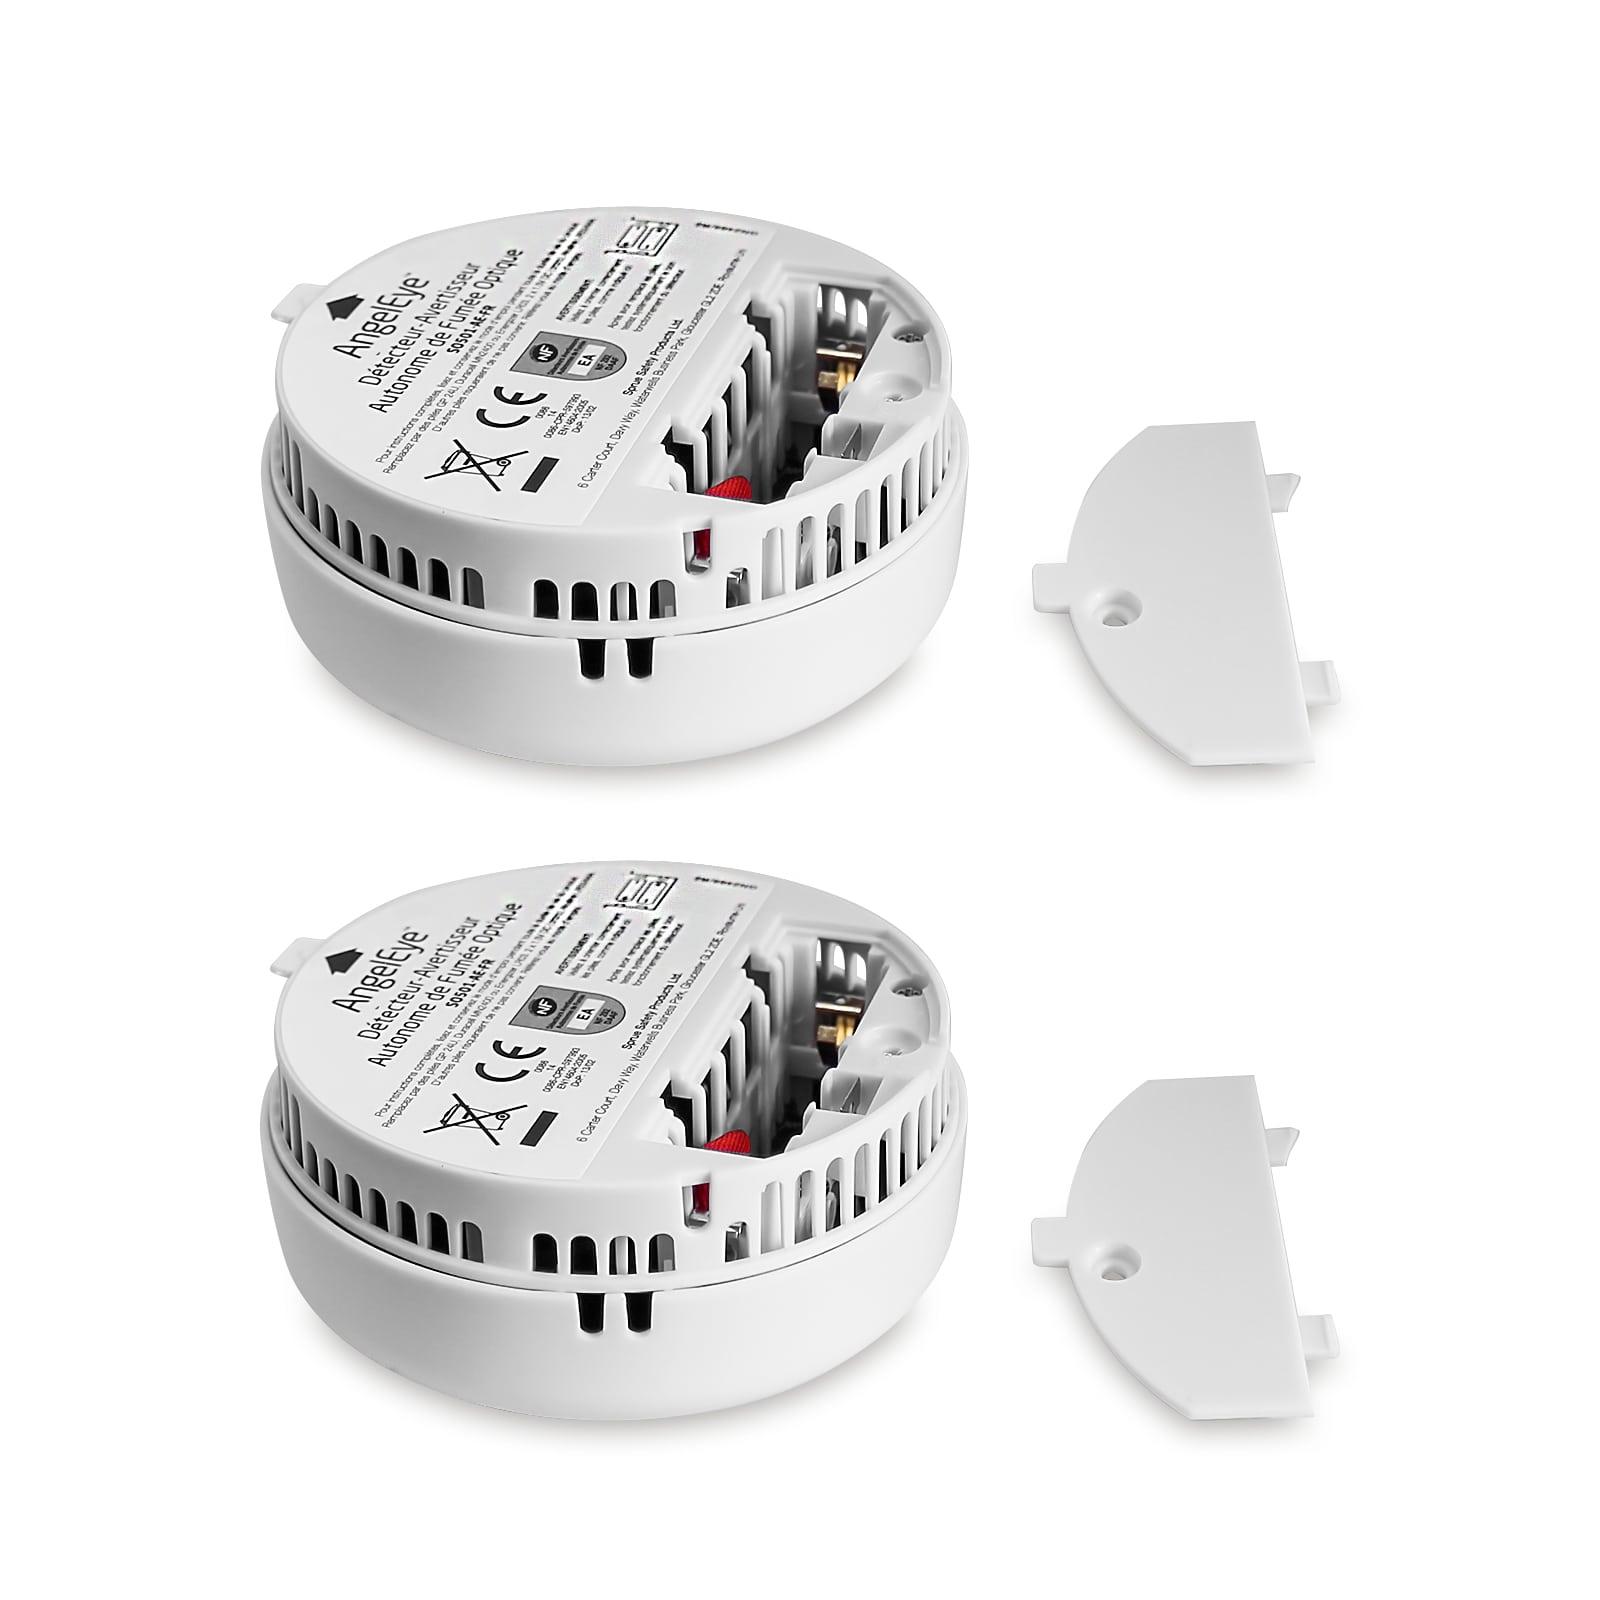 10x Rauchmelder 9V Batterie Rauchwarnmelder